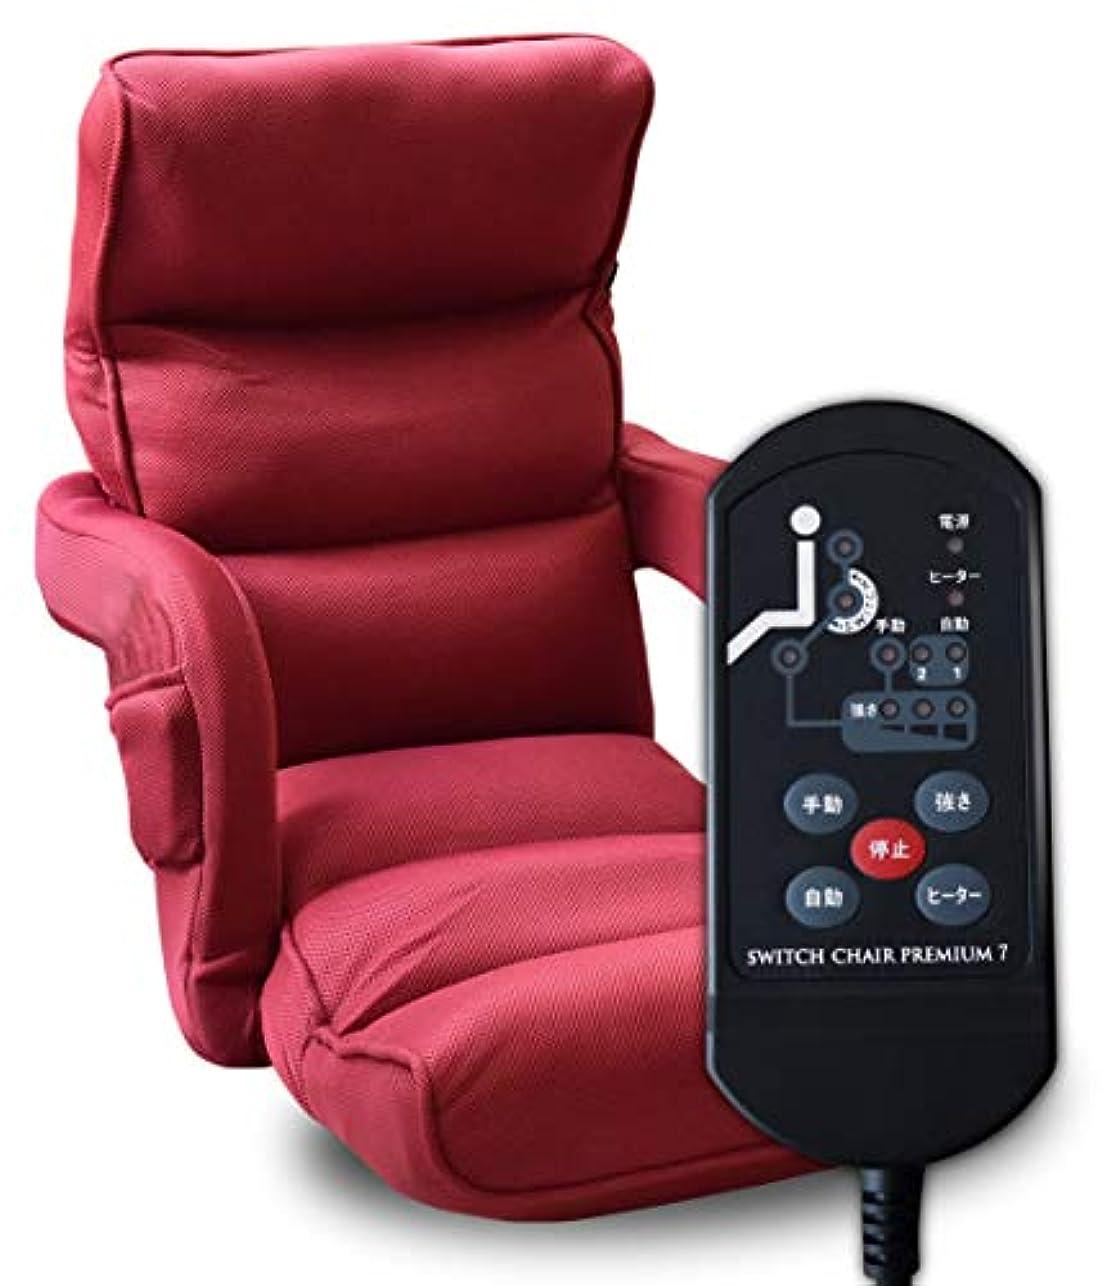 豊かにする閲覧するお世話になったSWITCH CHAIR PREMIUM 7 マッサージ器 マッサージ機 肘掛け付き座椅子 マッサージ ヒーター 首 肩 腰 肩こり 背中 マッサージチェア ビクトリアンローズ